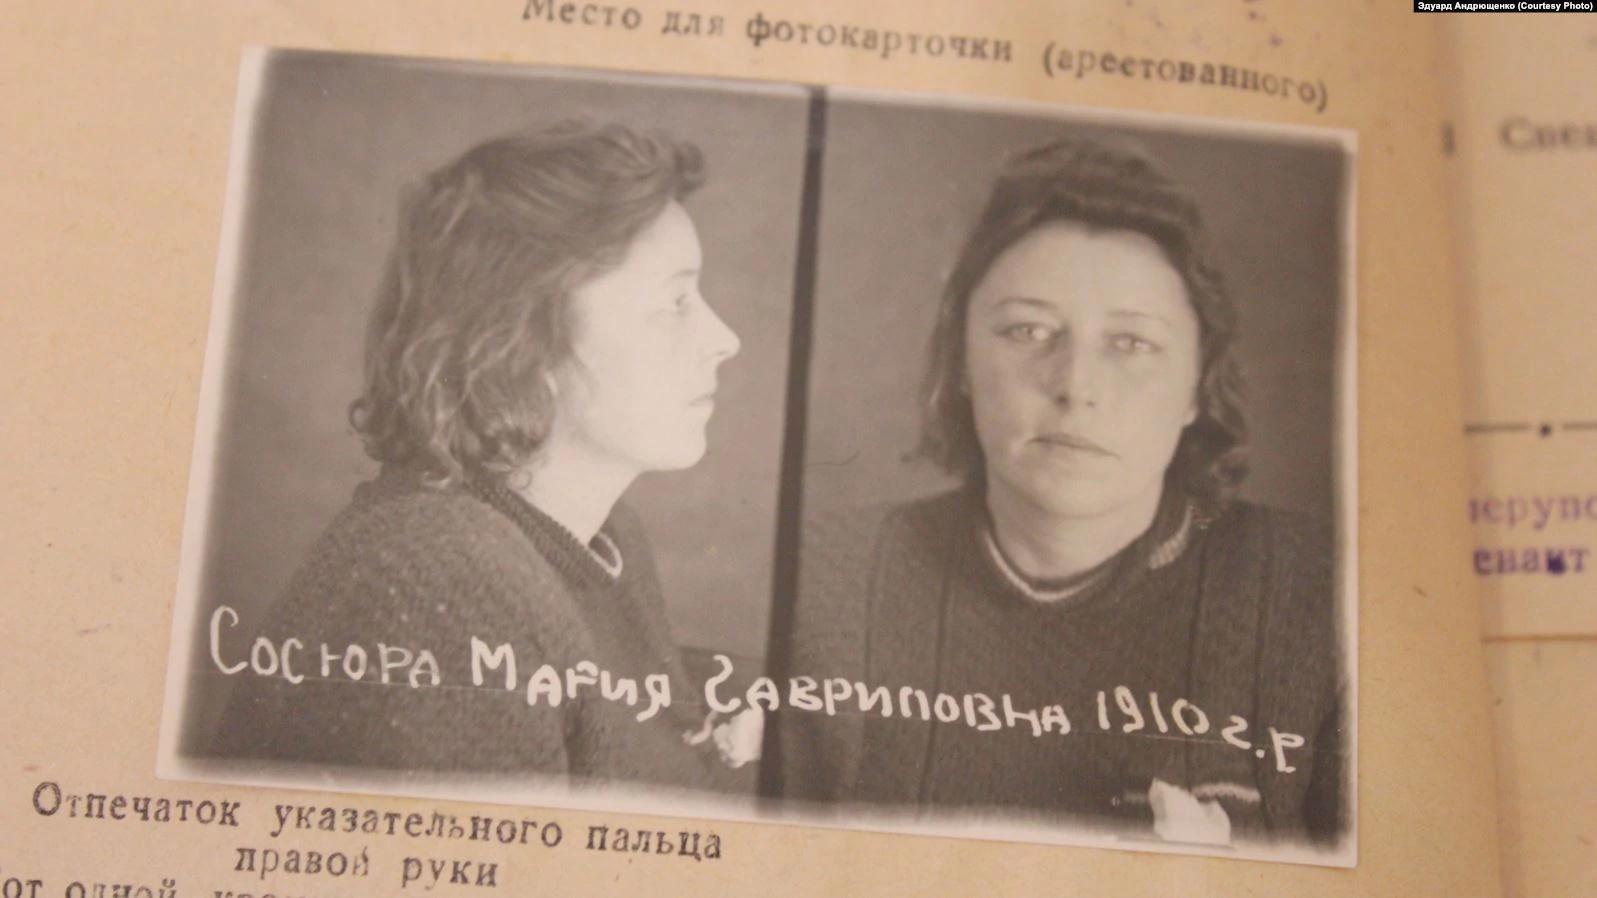 Мария Сосюра – фотография из ее судебного дела